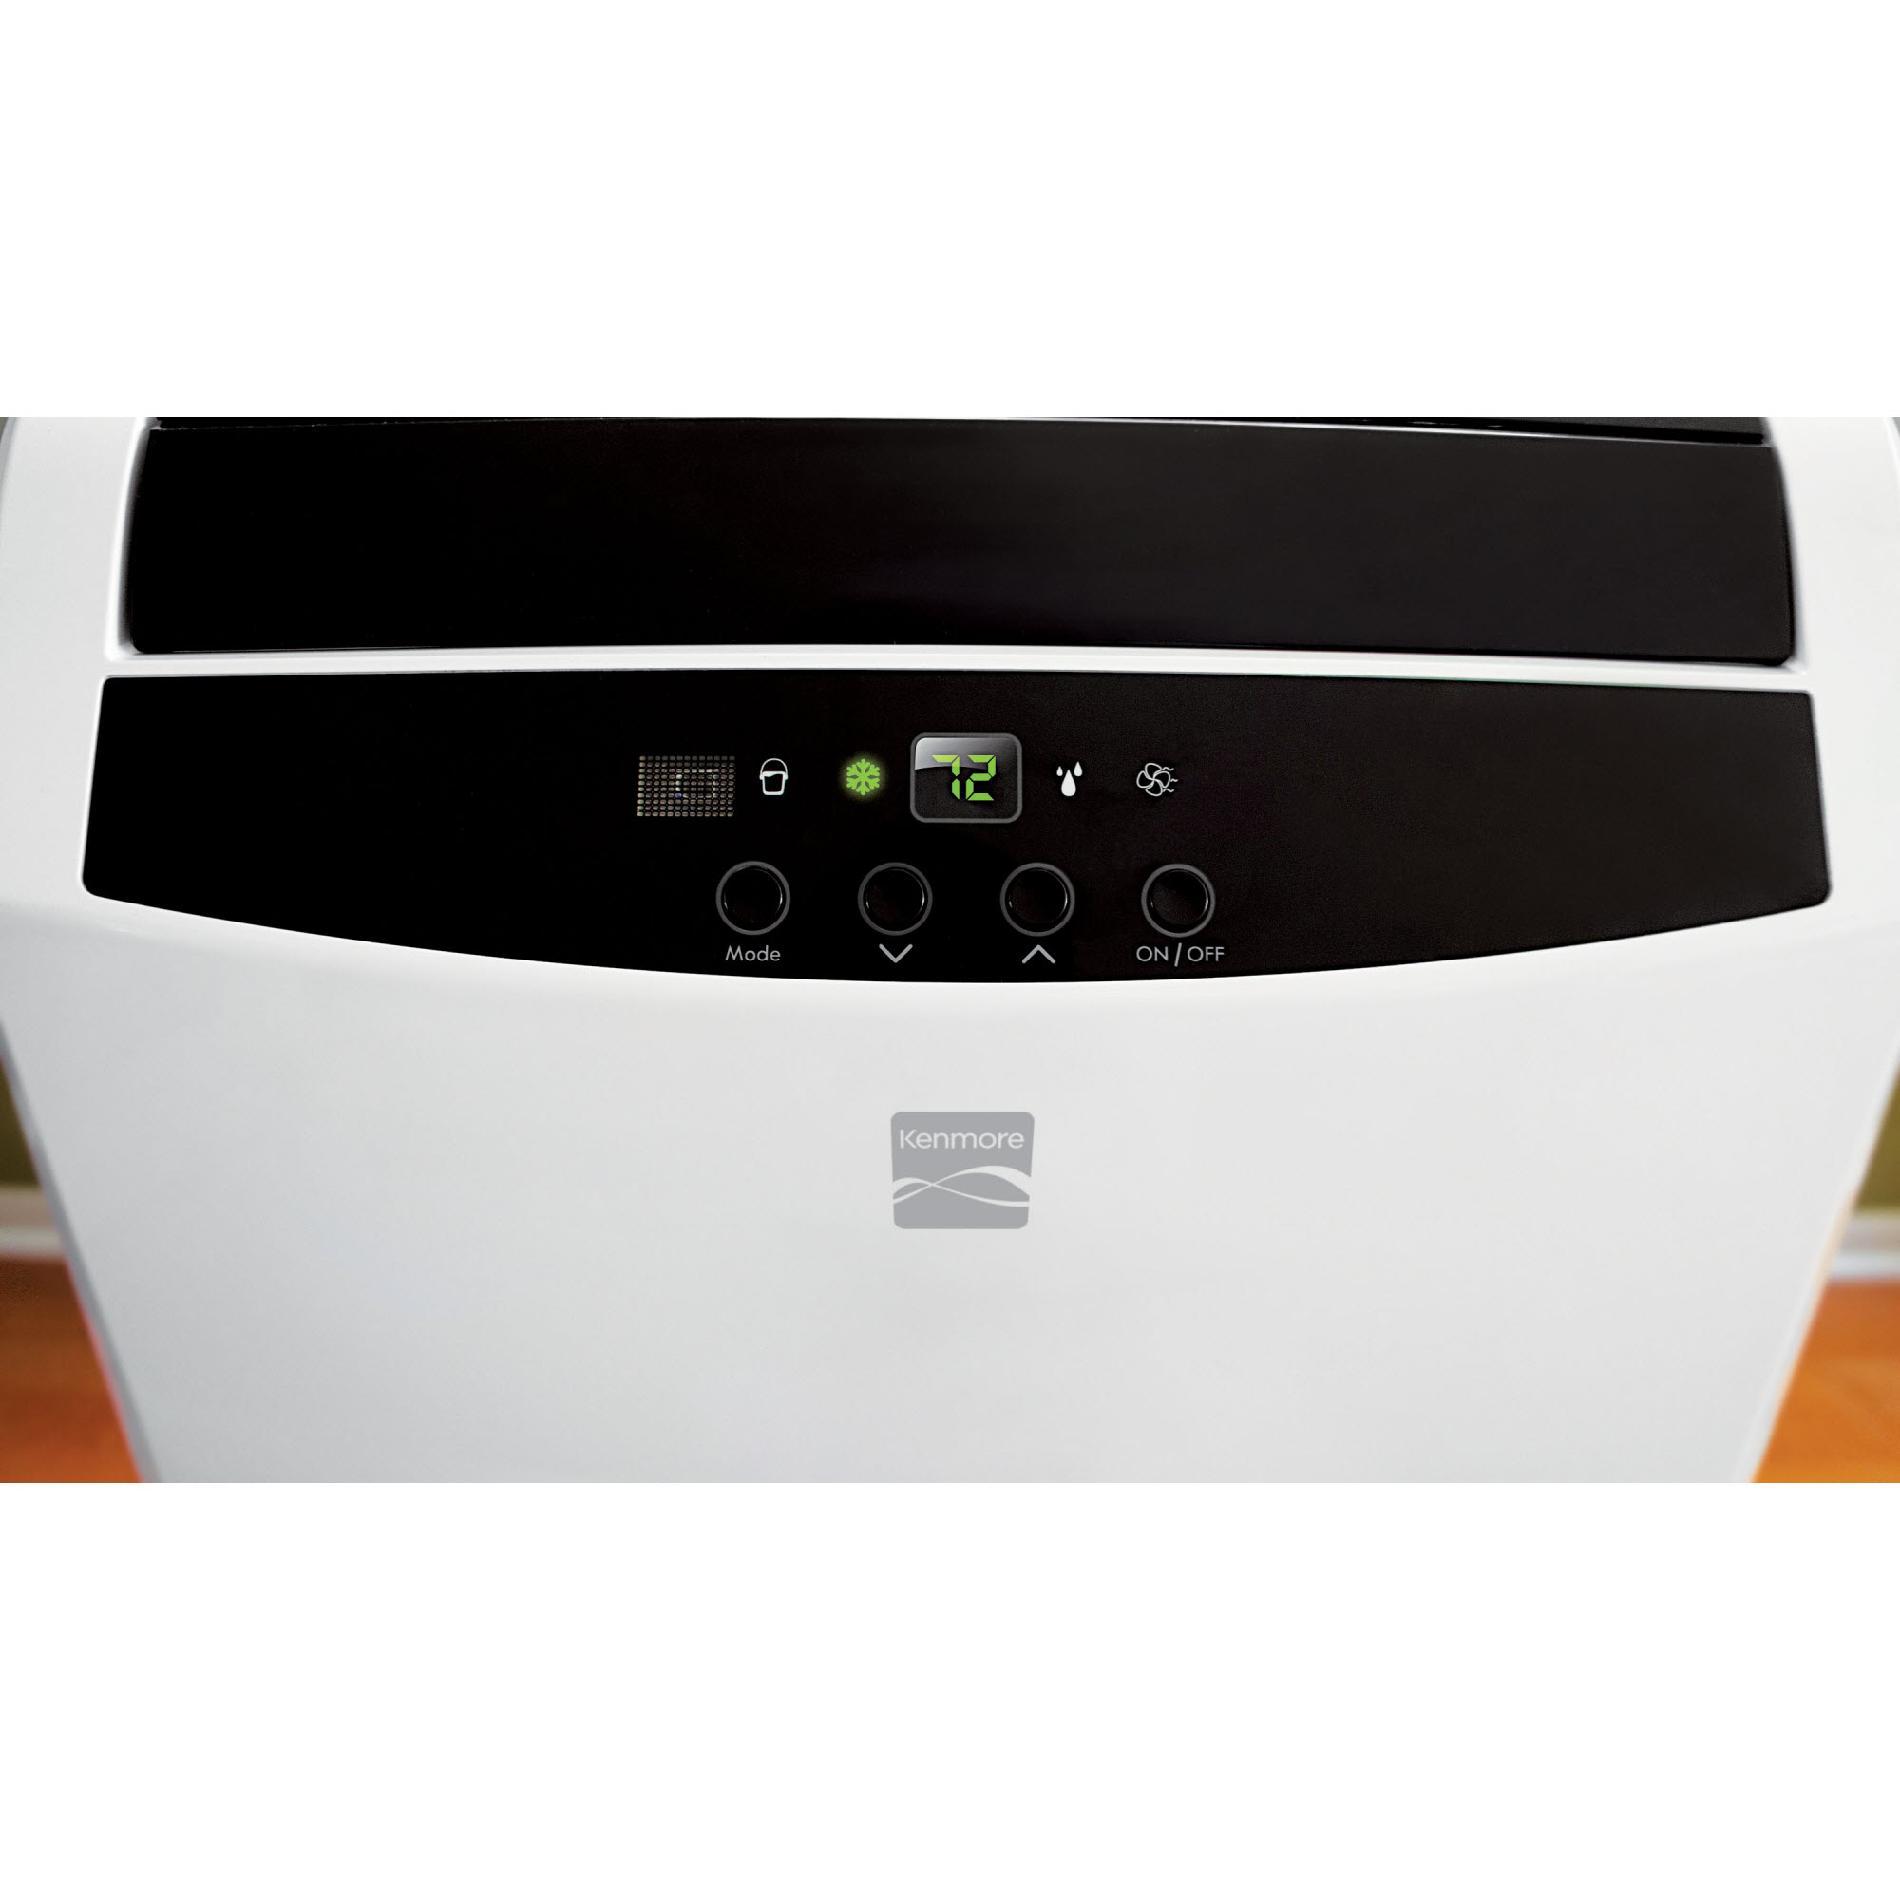 Kenmore Portable Air Conditioner 12,000 BTU